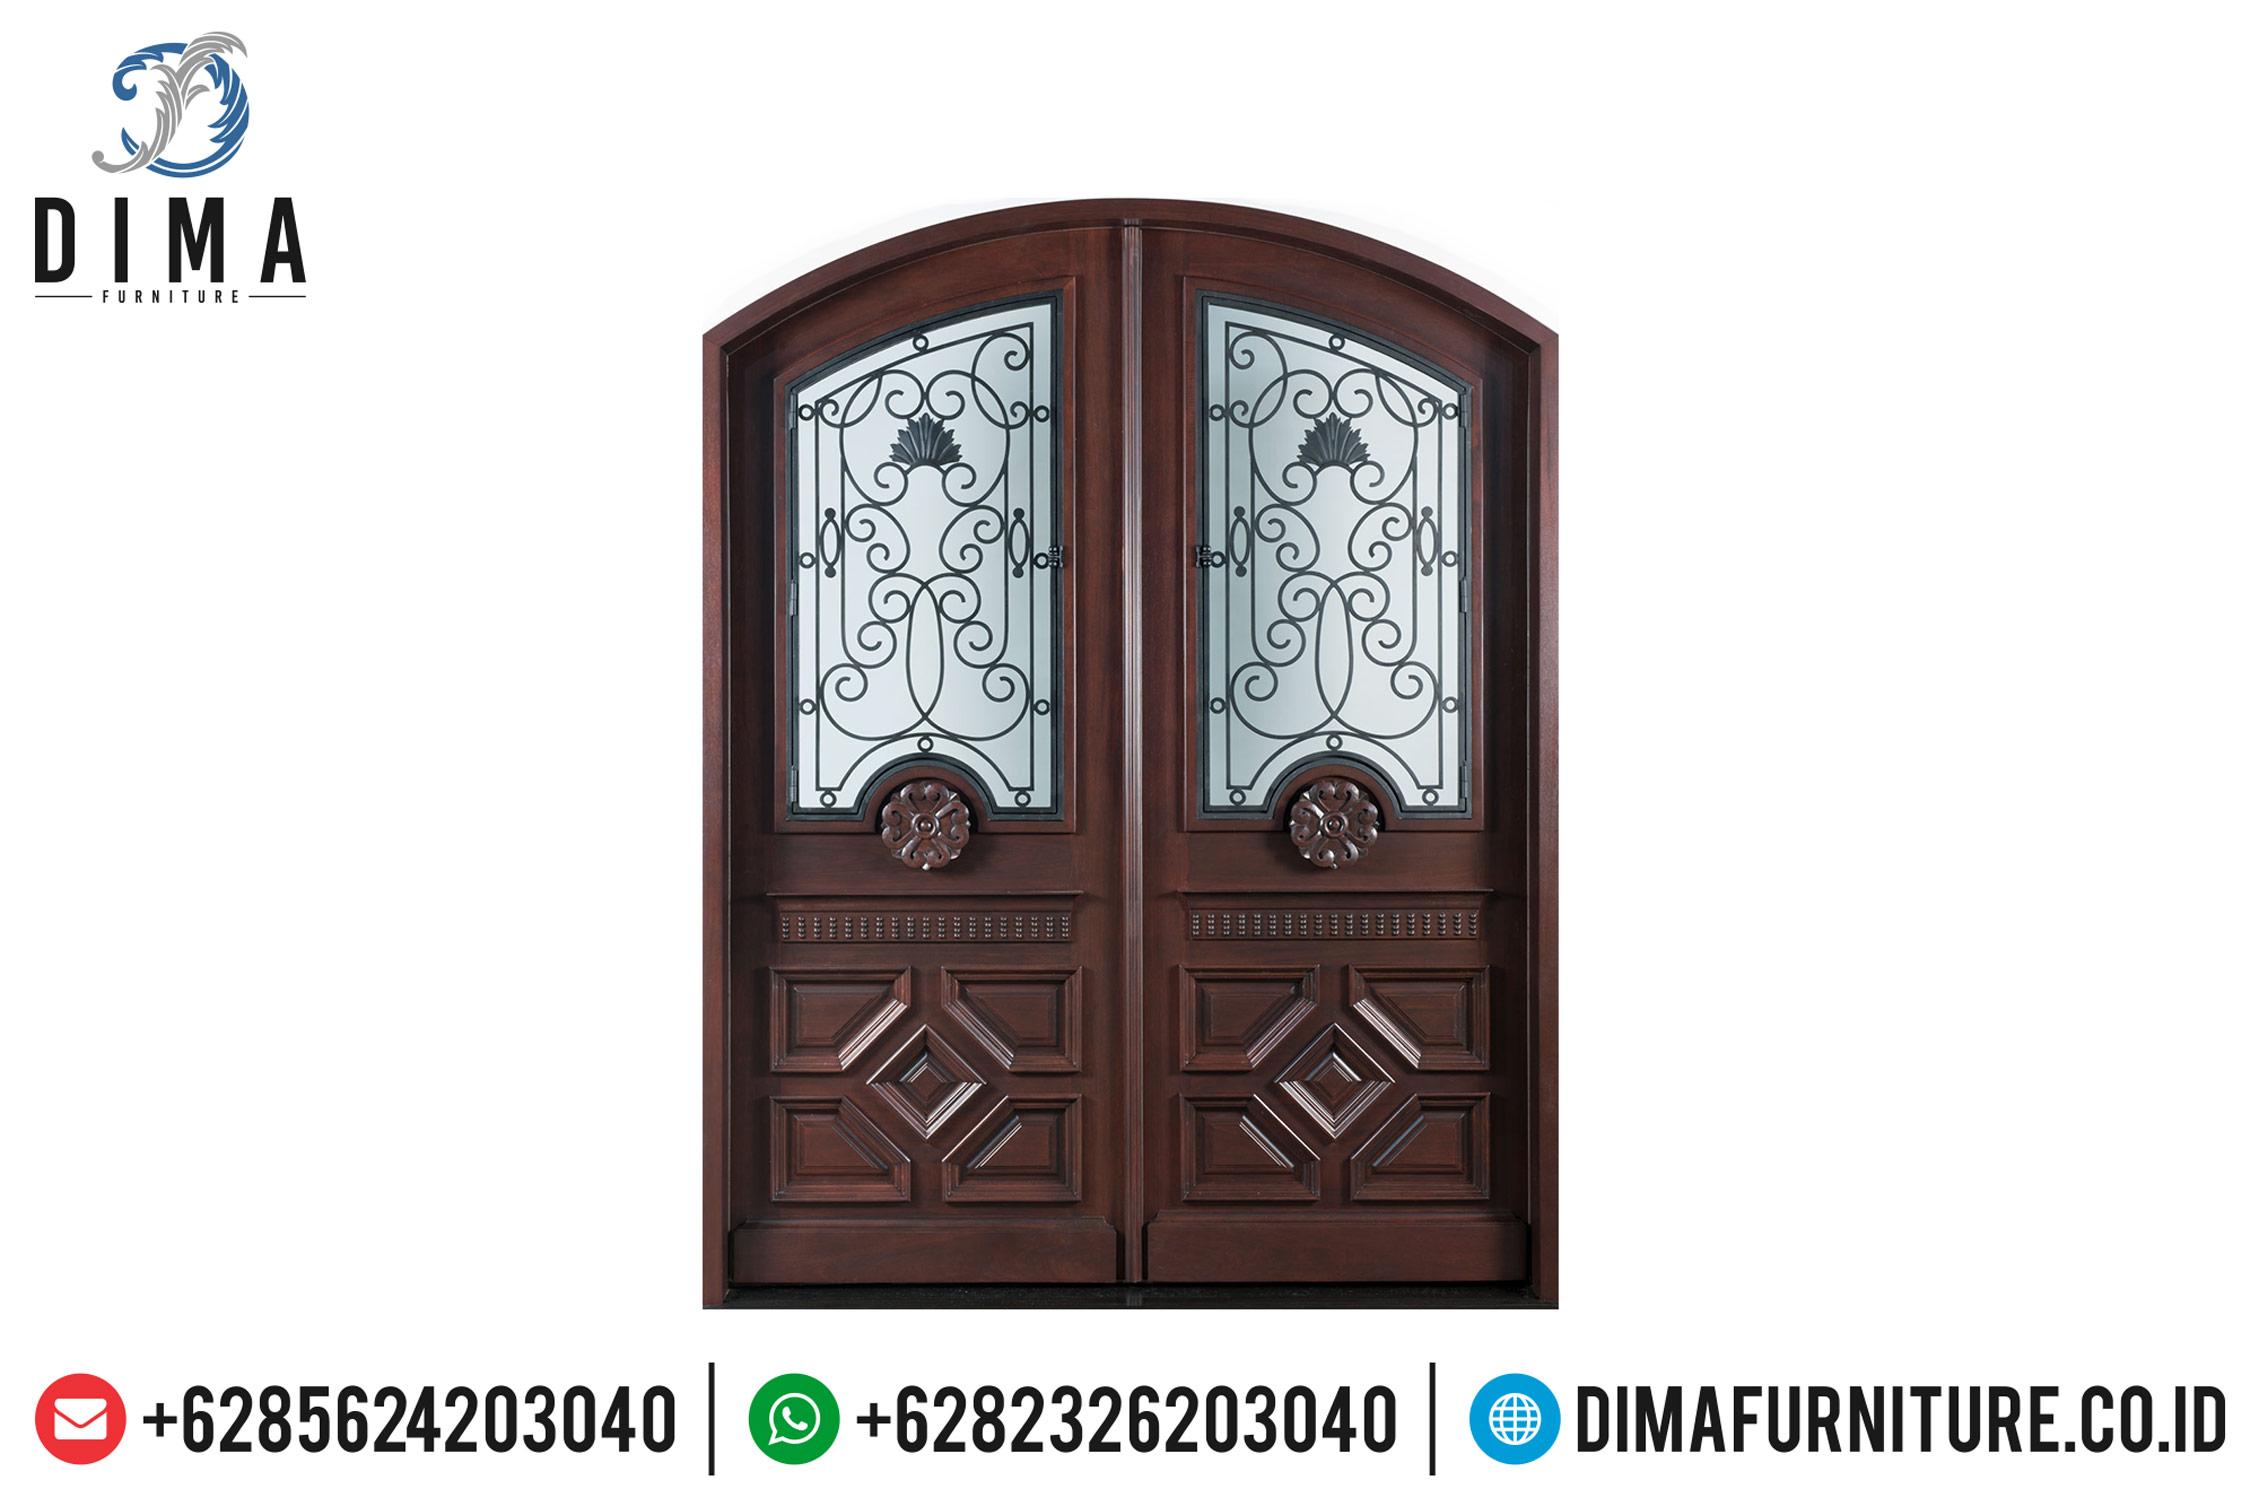 Pintu Rumah Mewah Jati, Pintu Jati Jepara, Mebel Jati Jepara Terbaru DF-0819